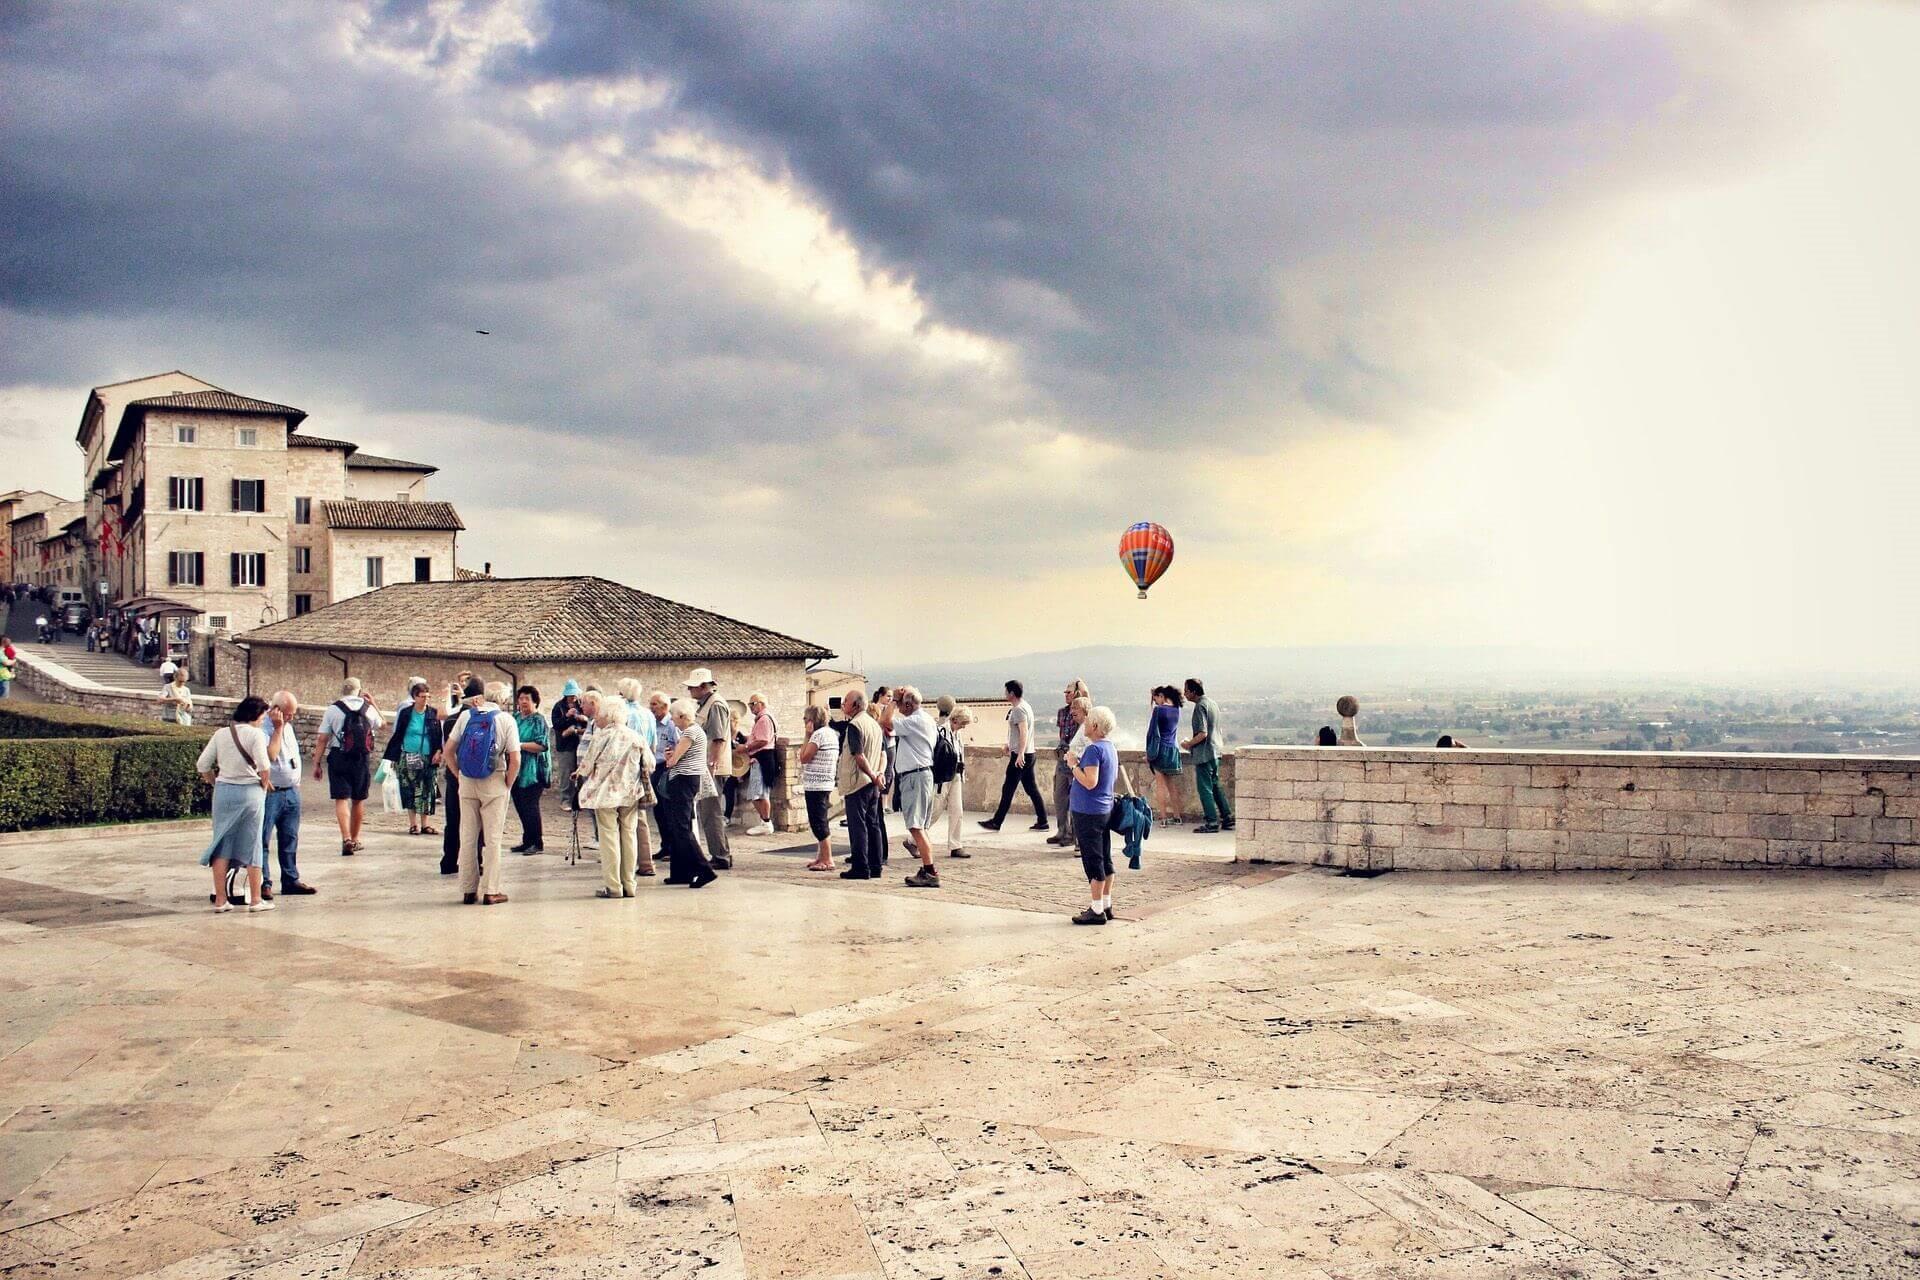 Regalare l'Umbria per Natale: guida alle vacanze e attività top